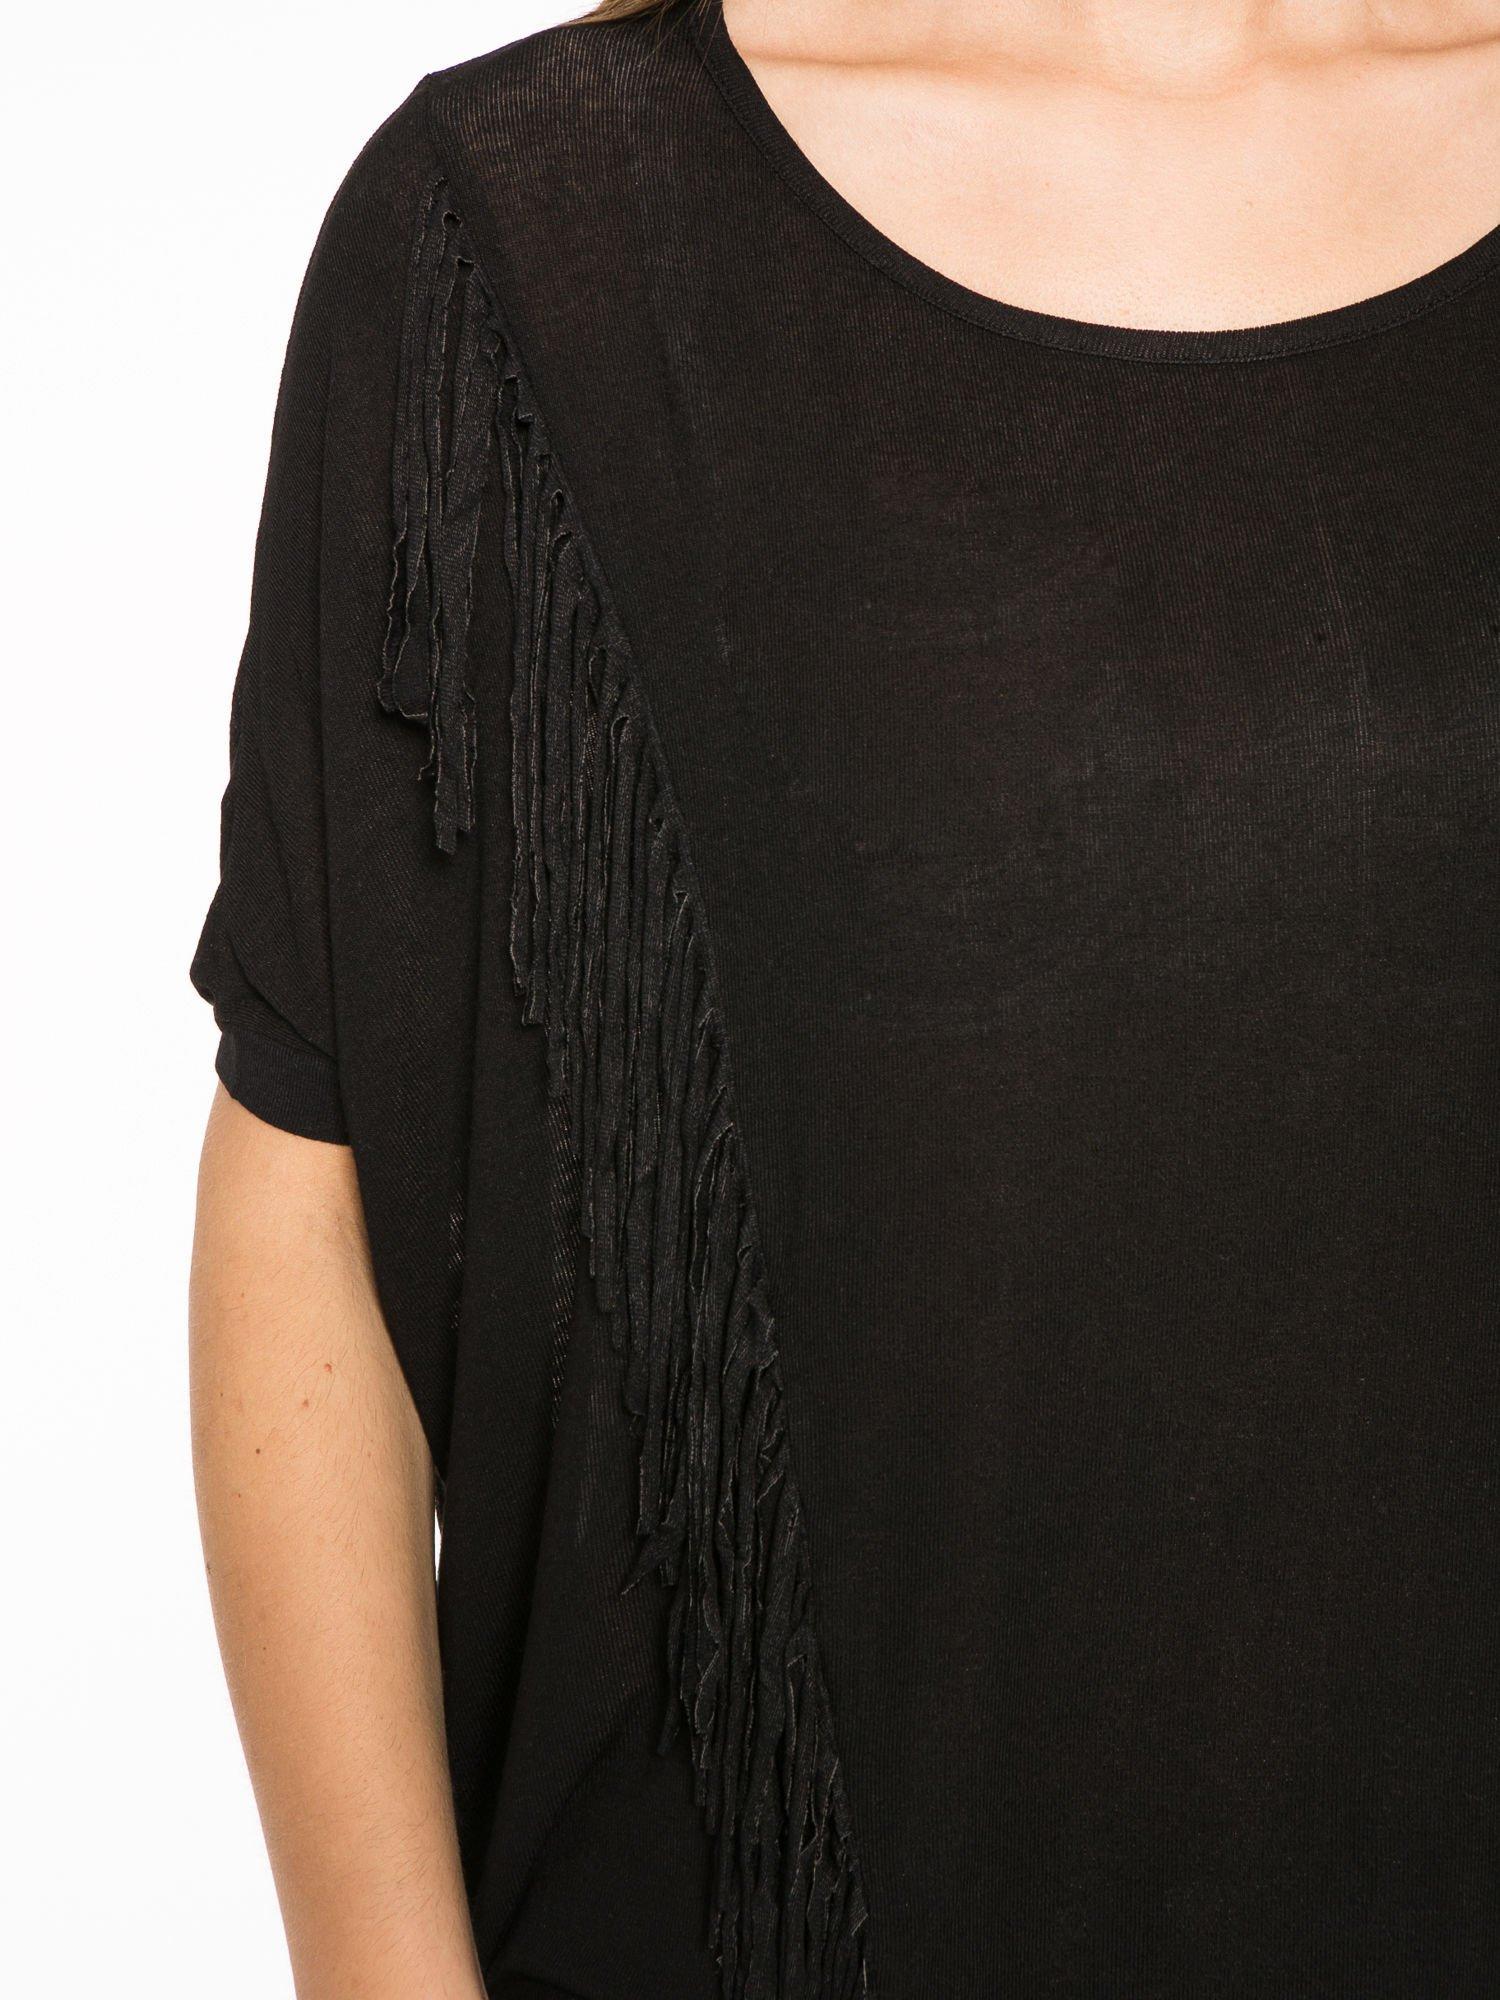 Czarny t-shirt z frędzlami i siateczkowym tyłem                                  zdj.                                  6